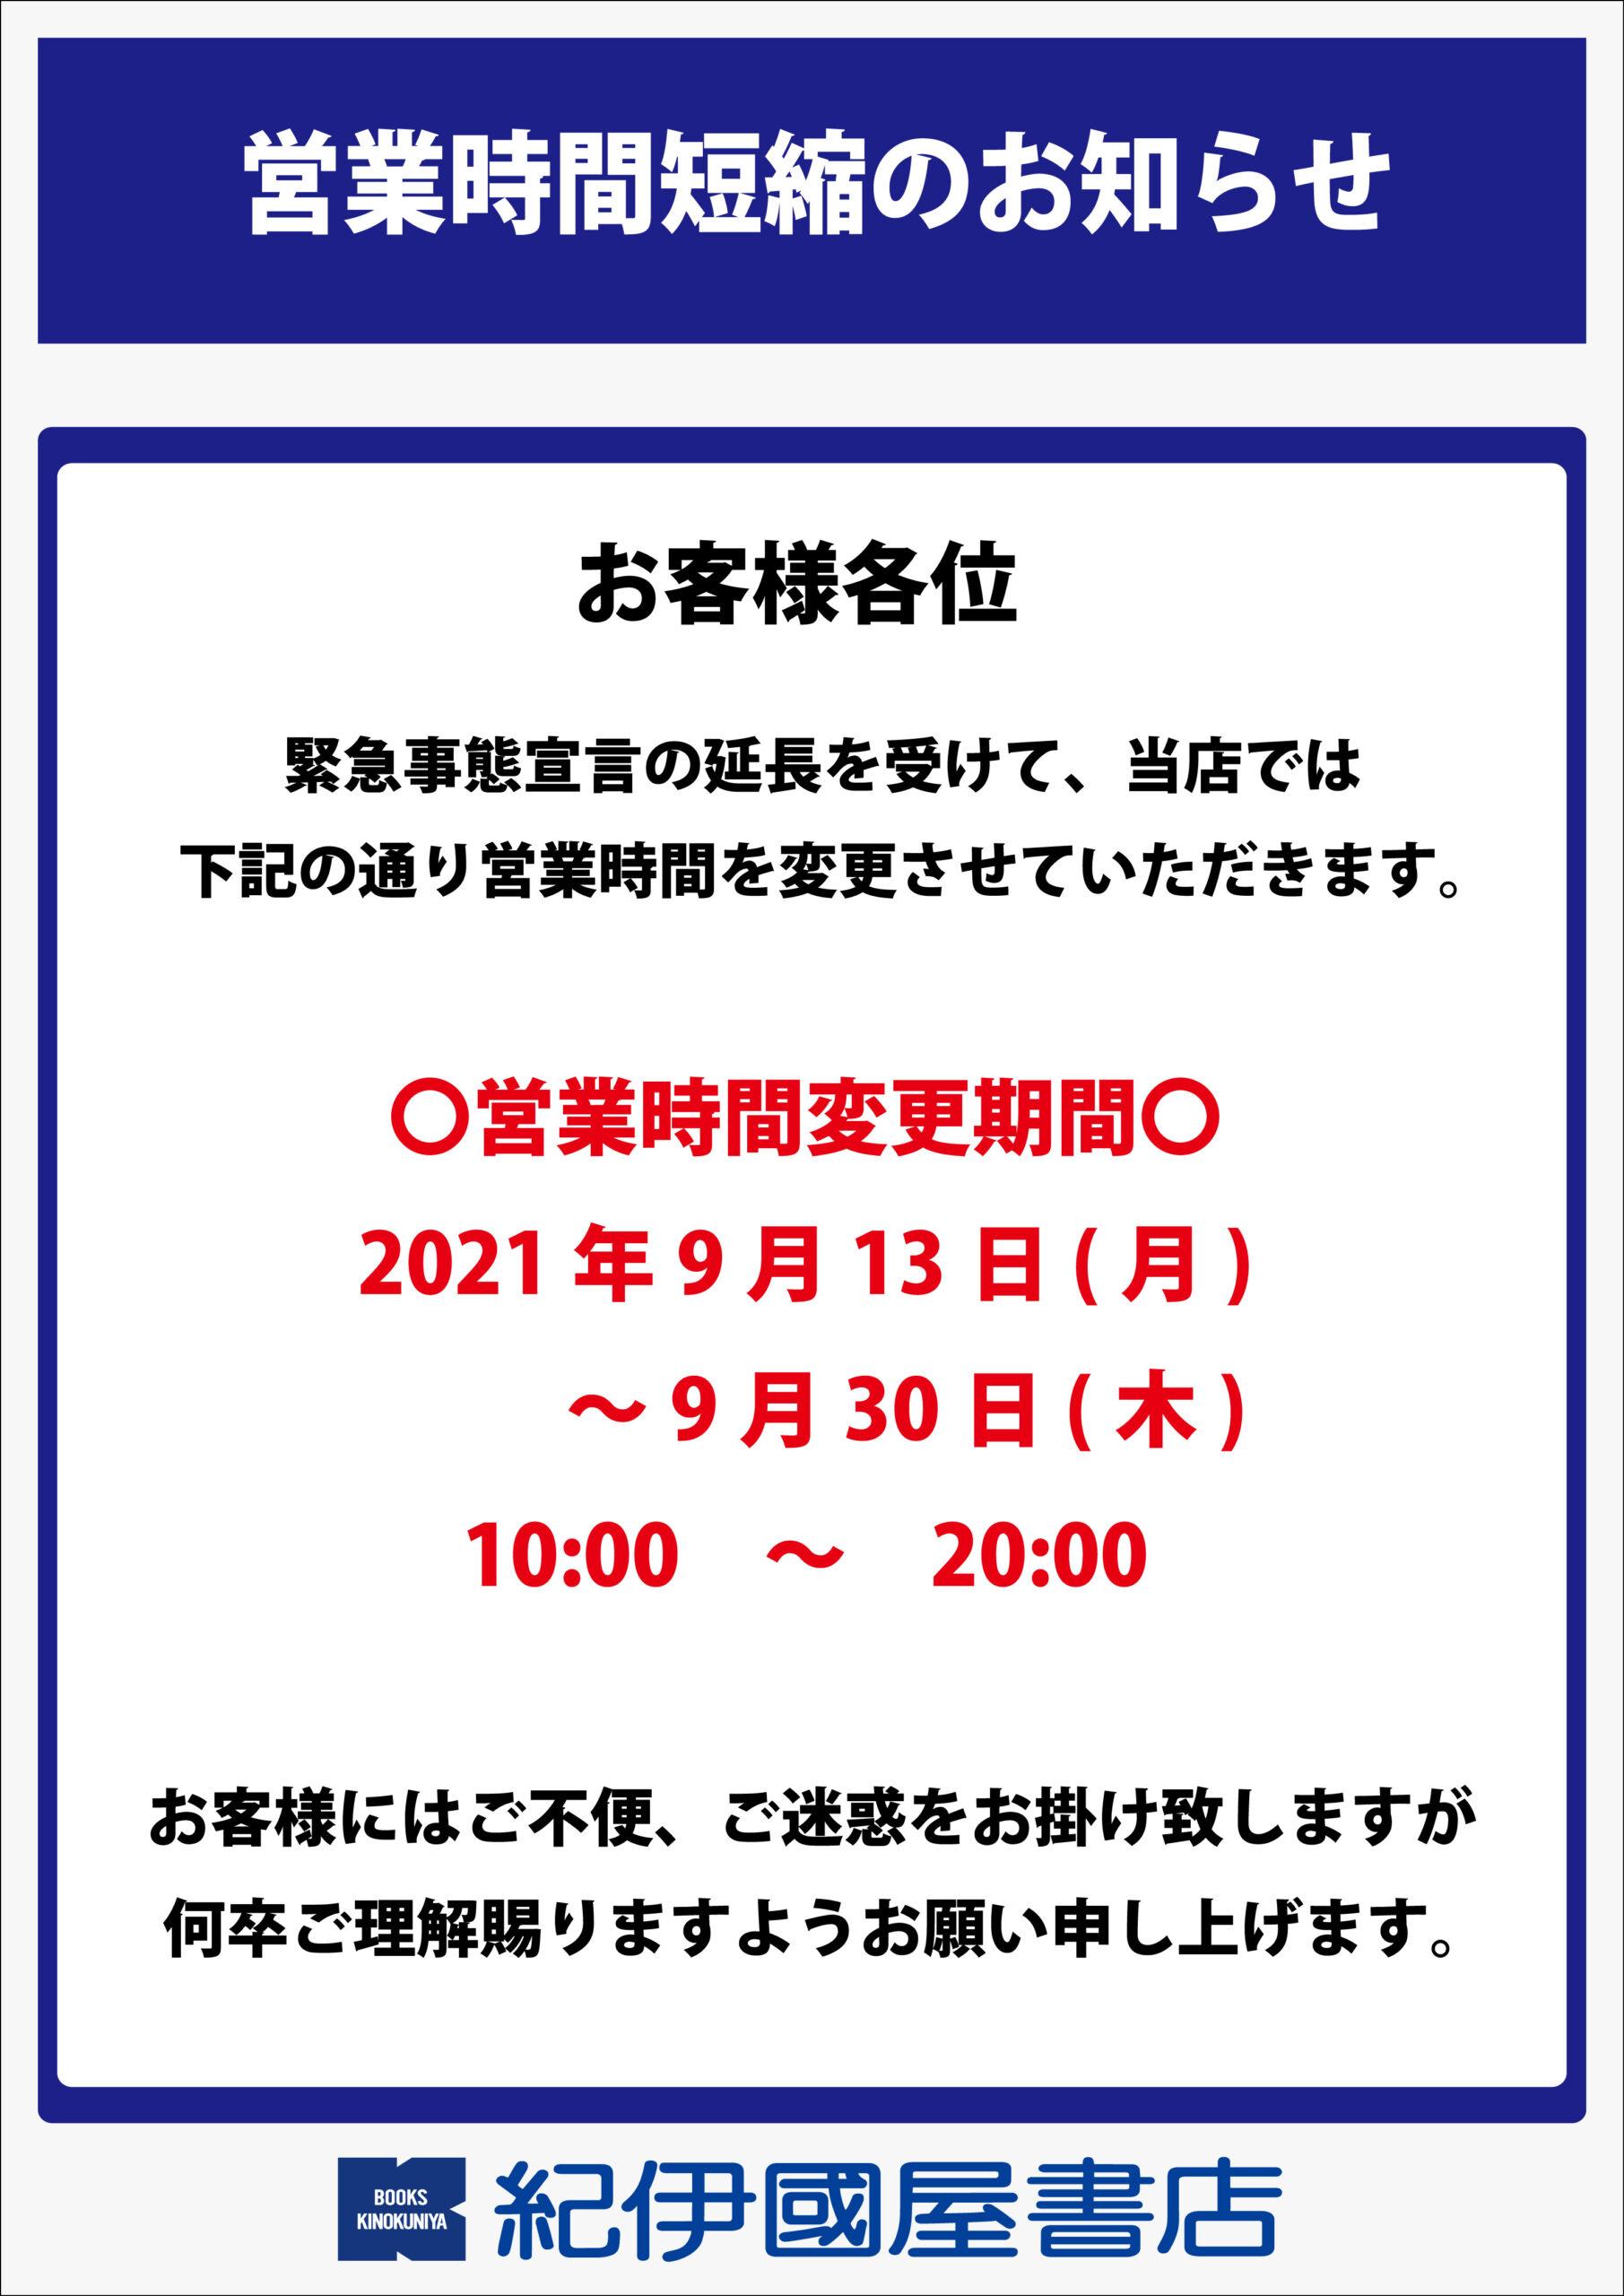 紀伊國屋書店:【営業時間短縮のお知らせ】